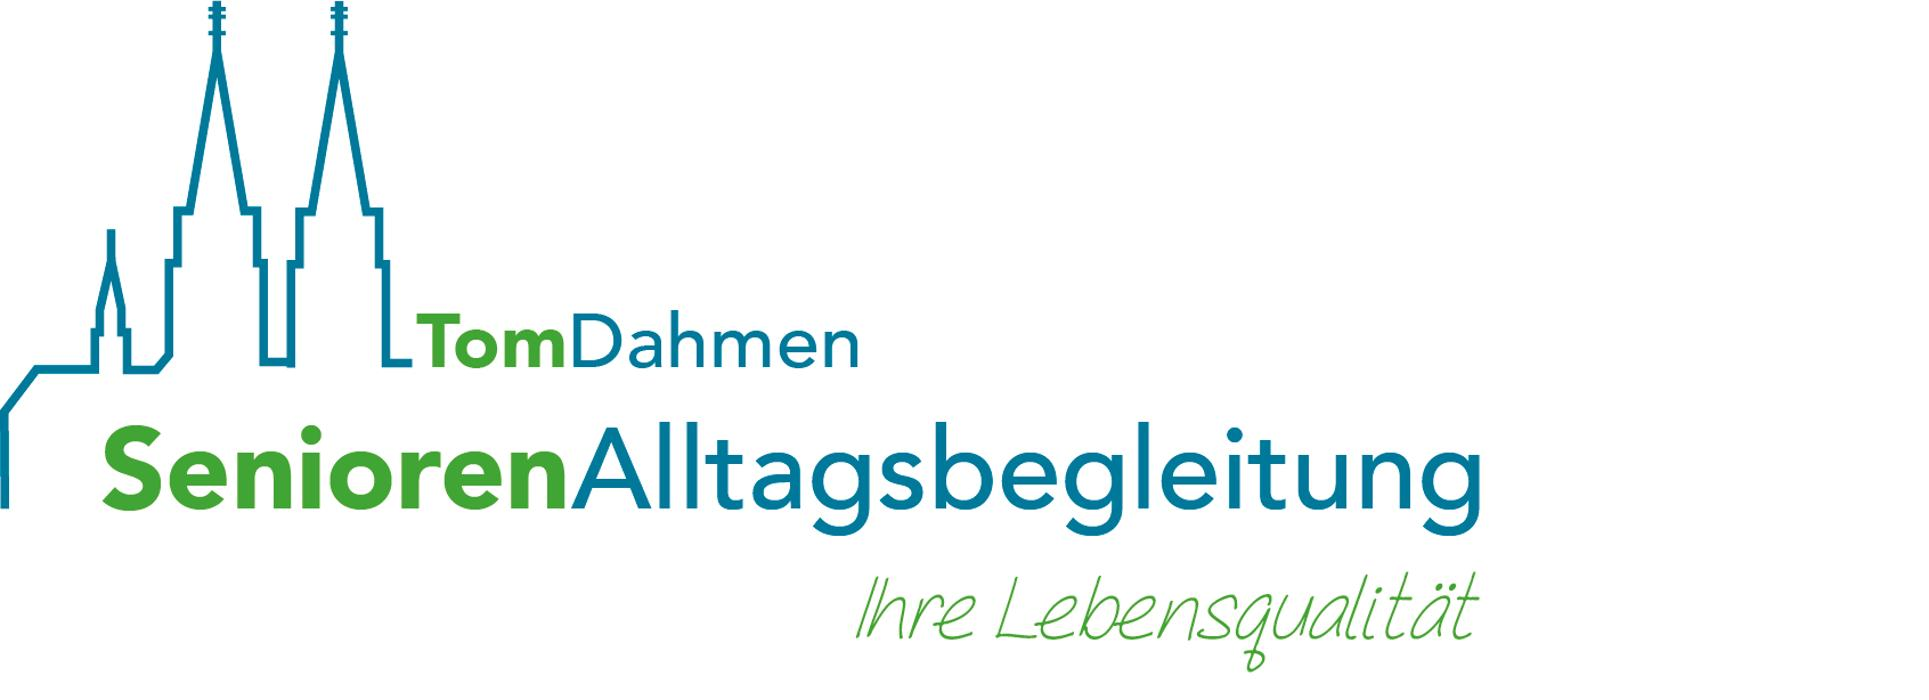 Bild zu SeniorenAlltagsbegleitung Köln Tom Dahmen in Köln